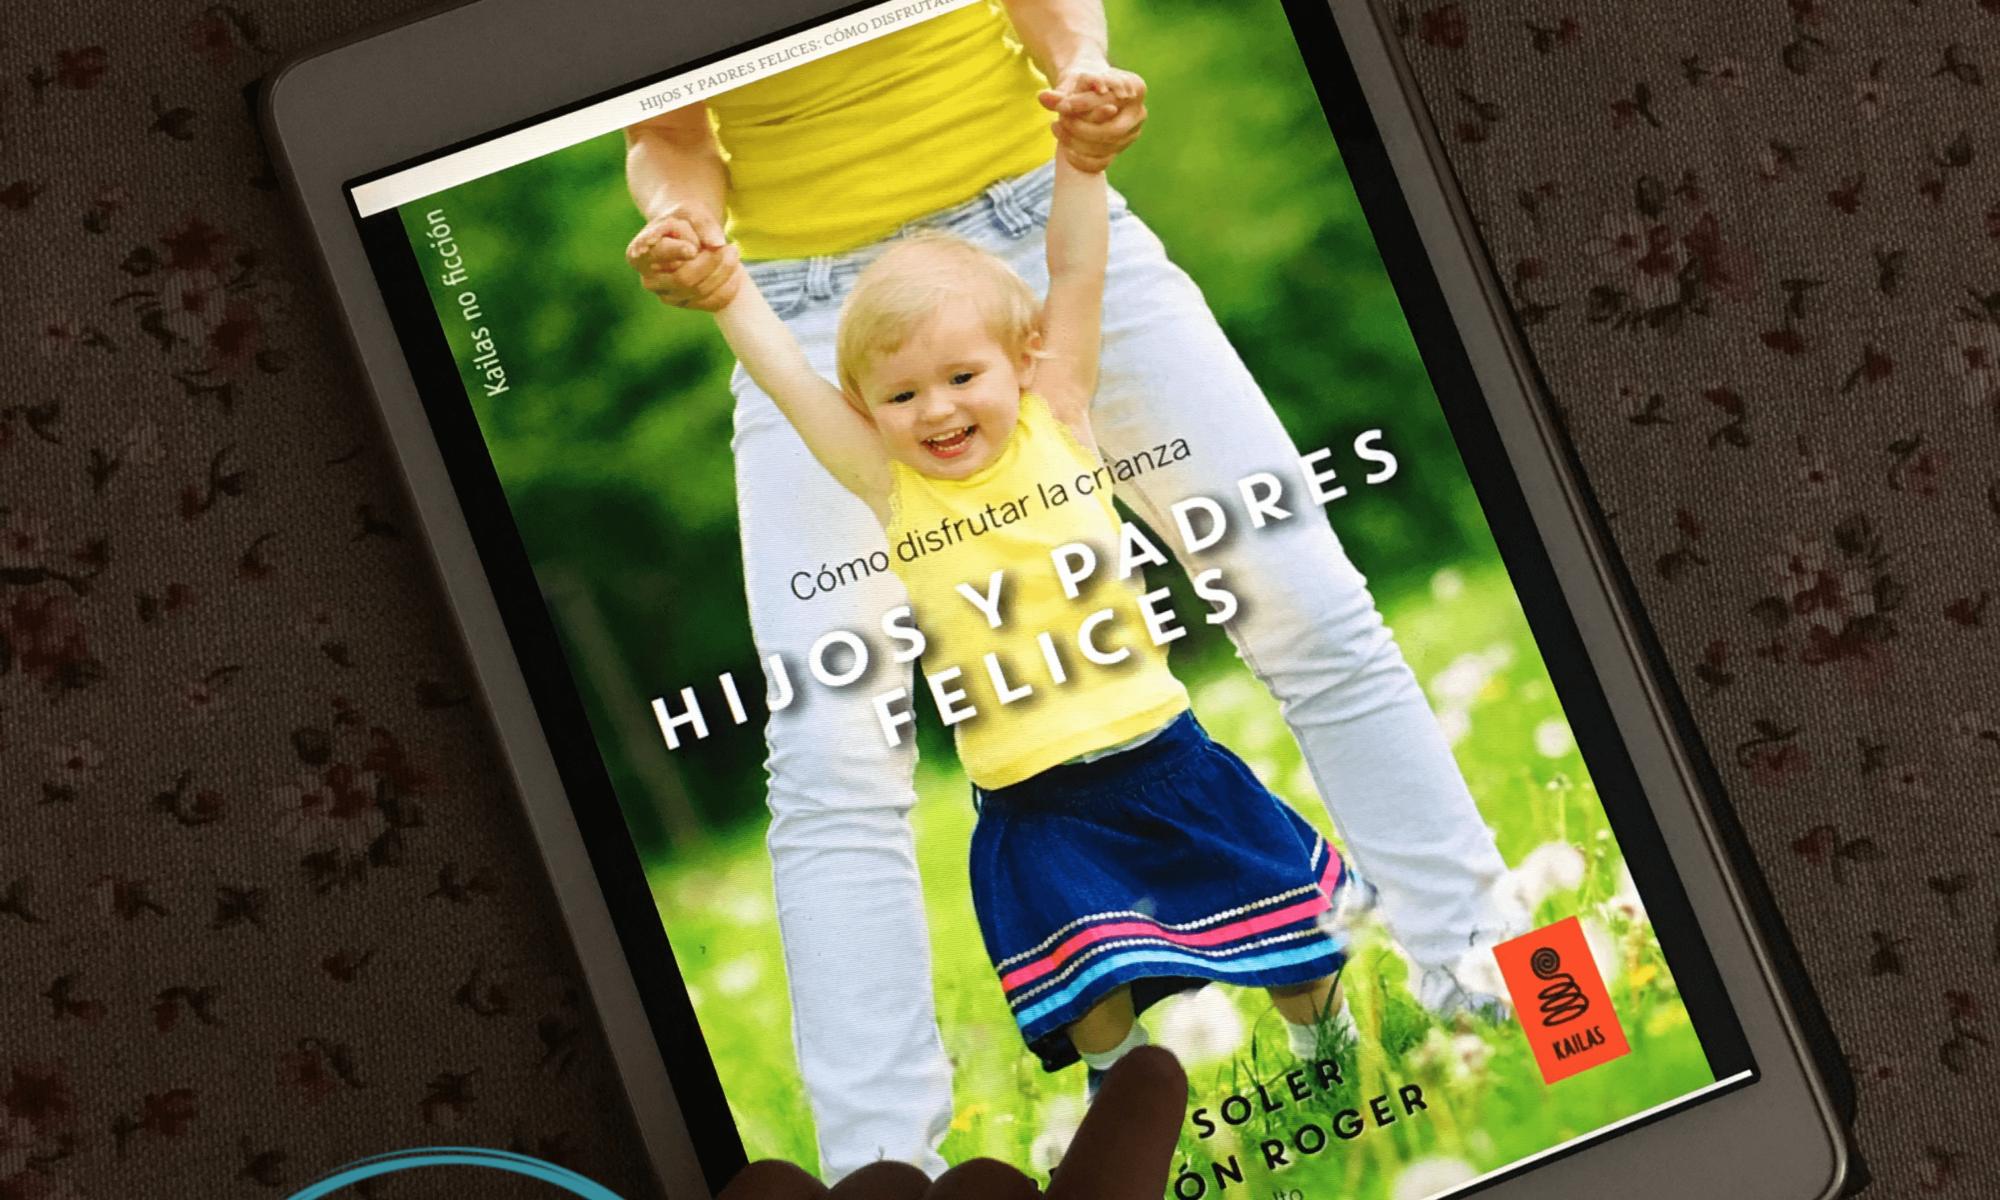 Portada del libro Hijos y padres felices: Cómo disfrutar de la crianza en una tablet con mano de niña de 4 años